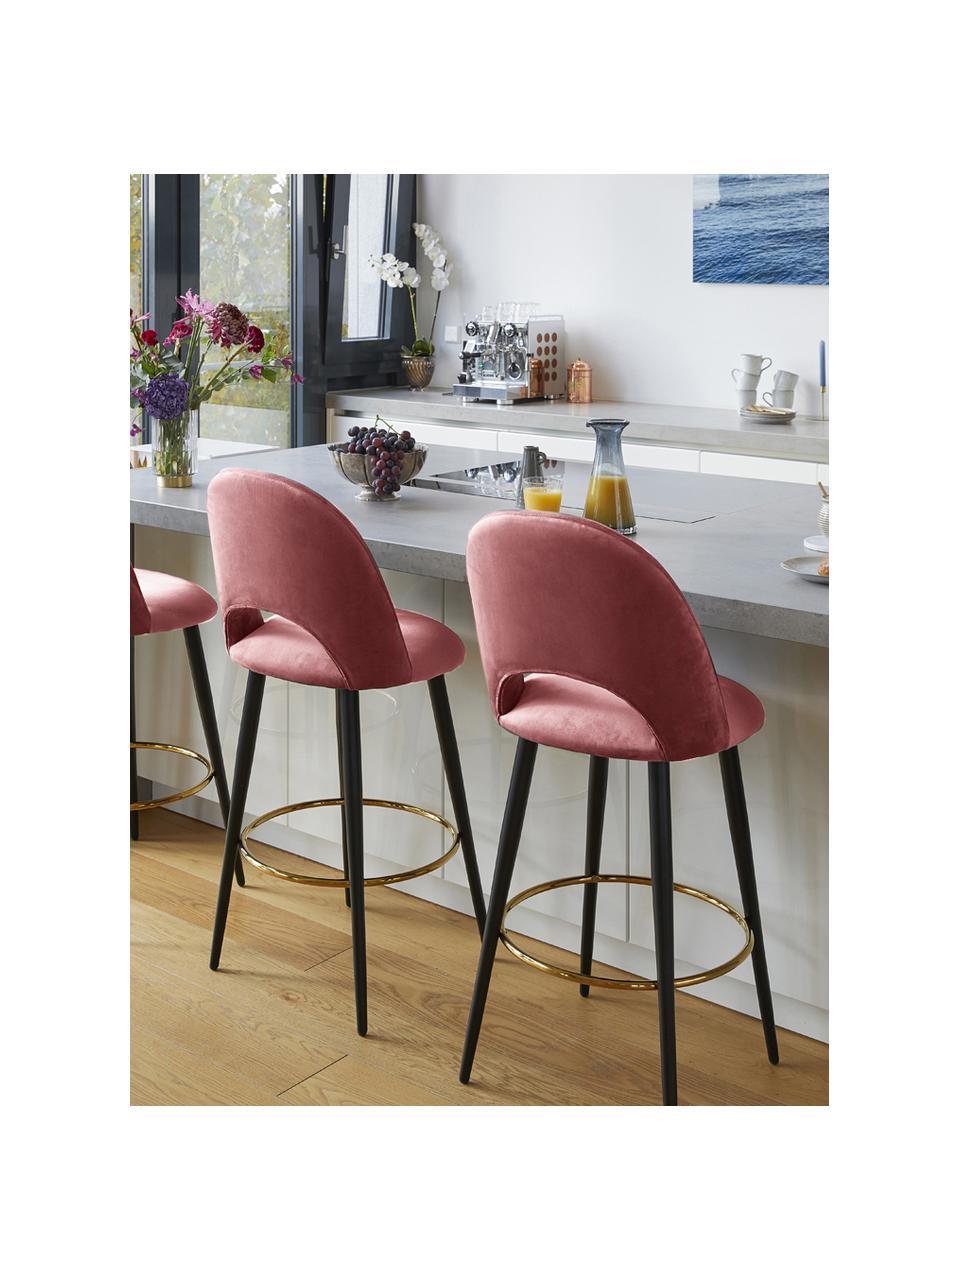 Sedia da bar in velluto rosa cipria Rachel, Rivestimento: velluto (poliestere) 50.0, Gambe: metallo verniciato a polv, Velluto rosa cipria, Larg